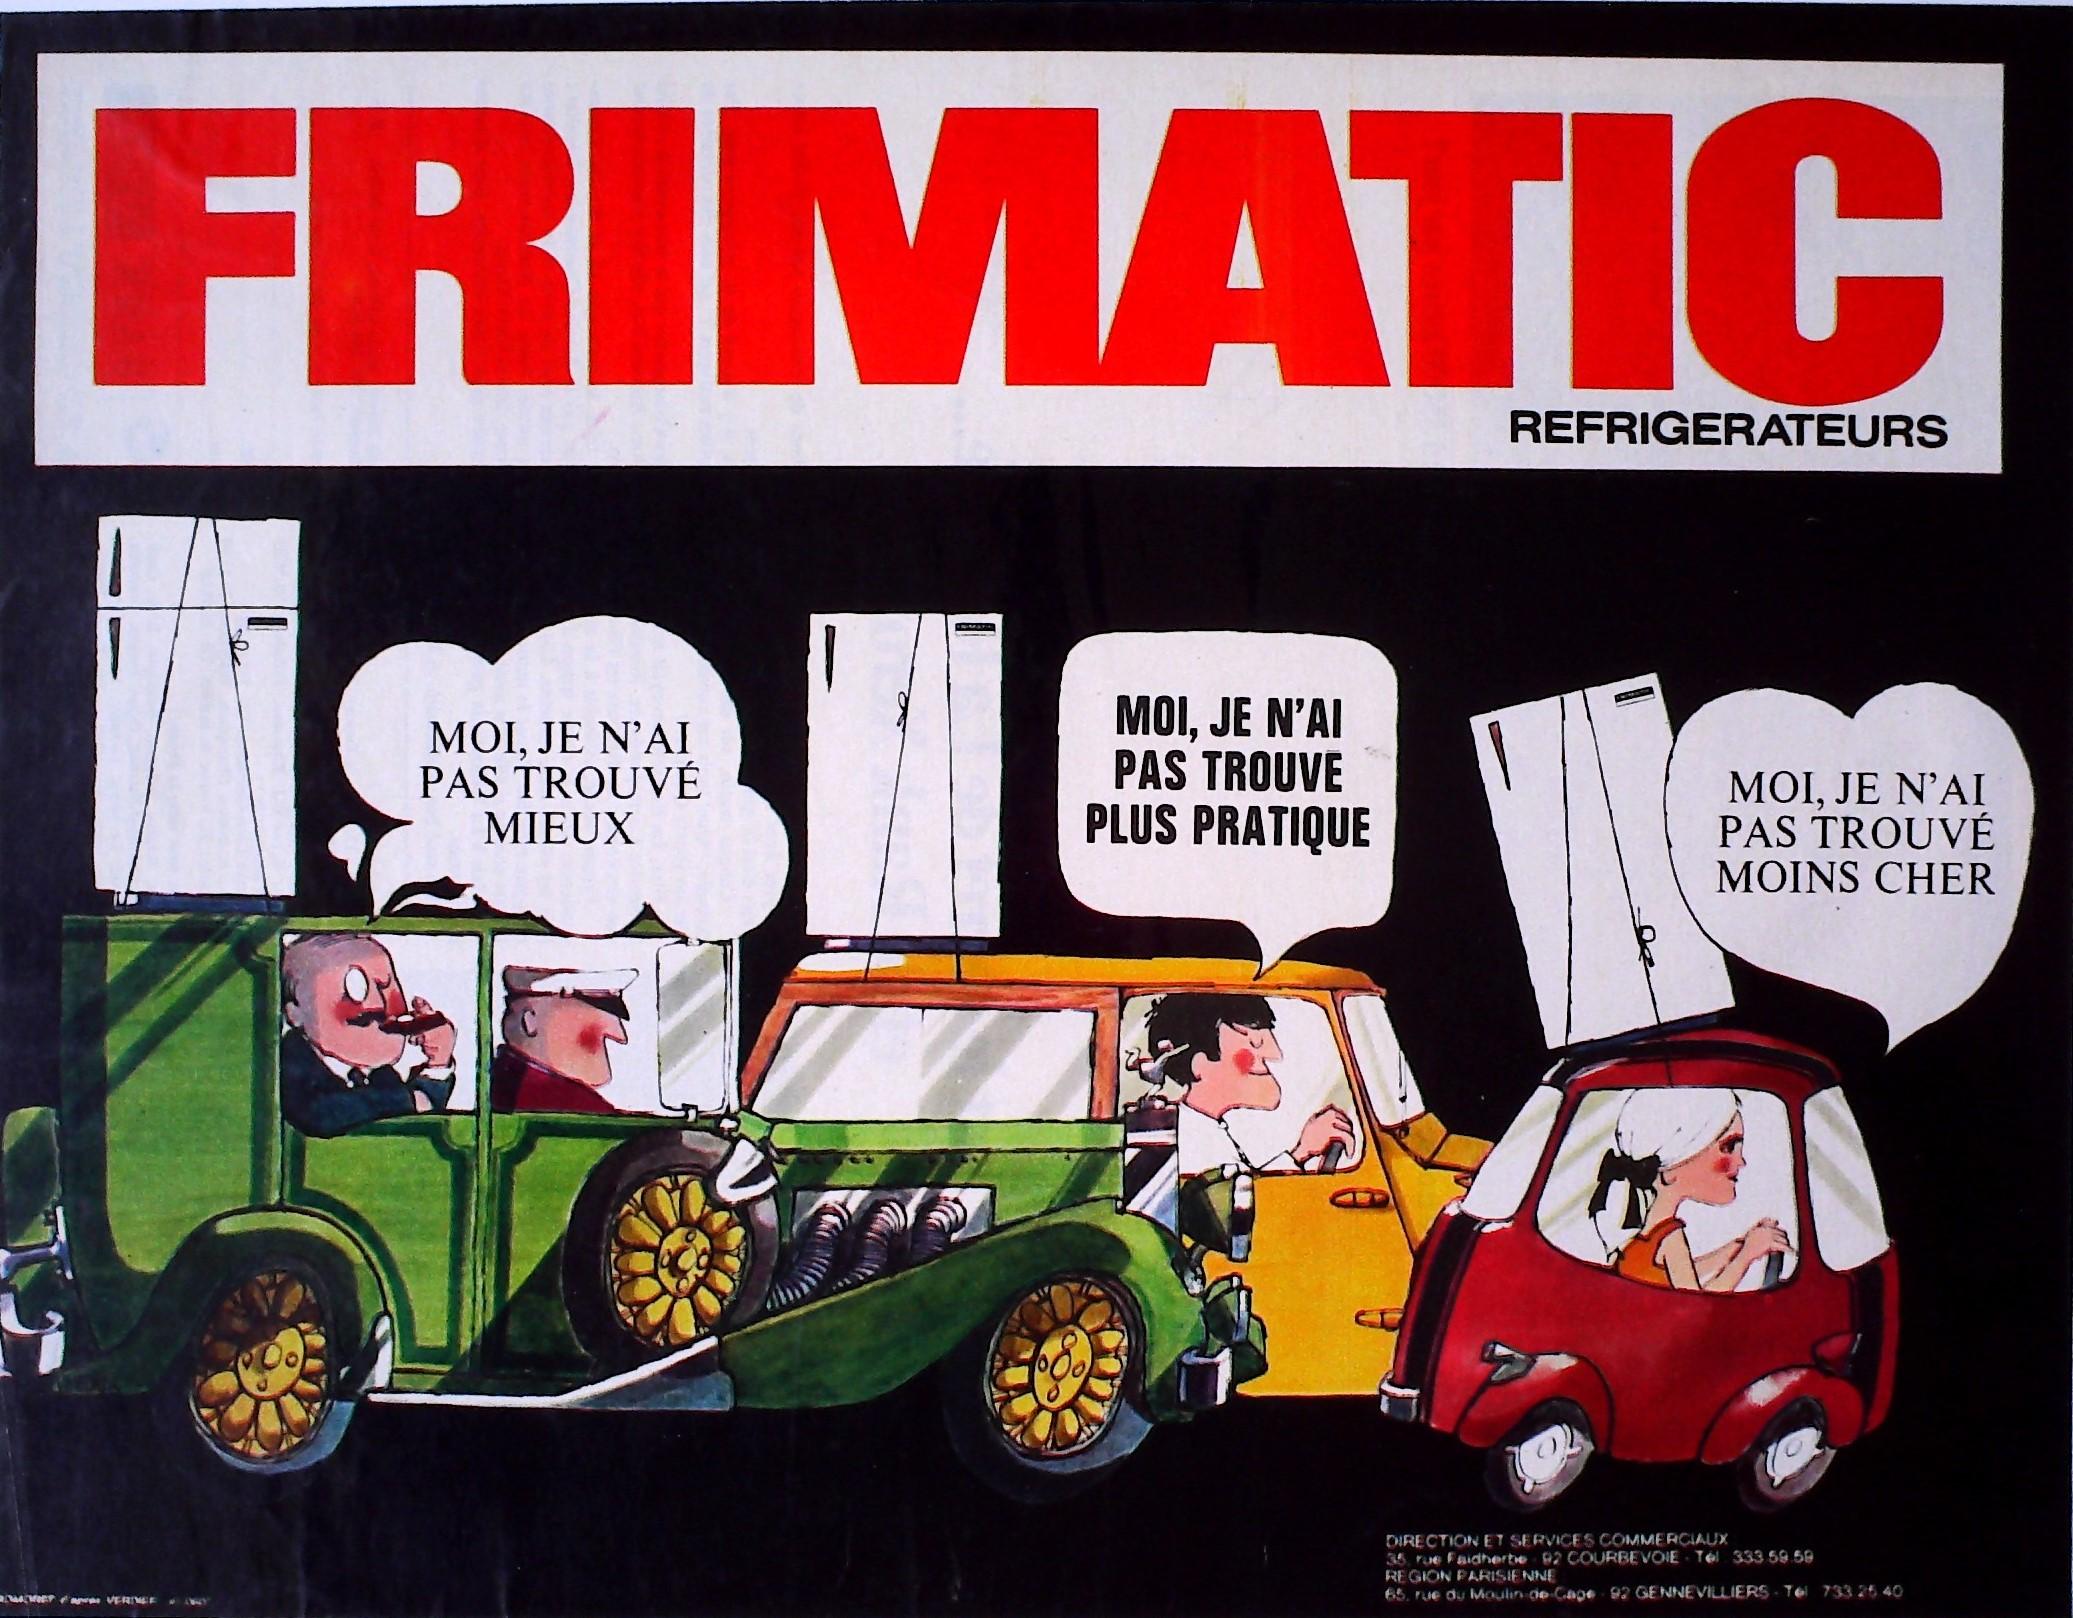 ref frimatic 1967